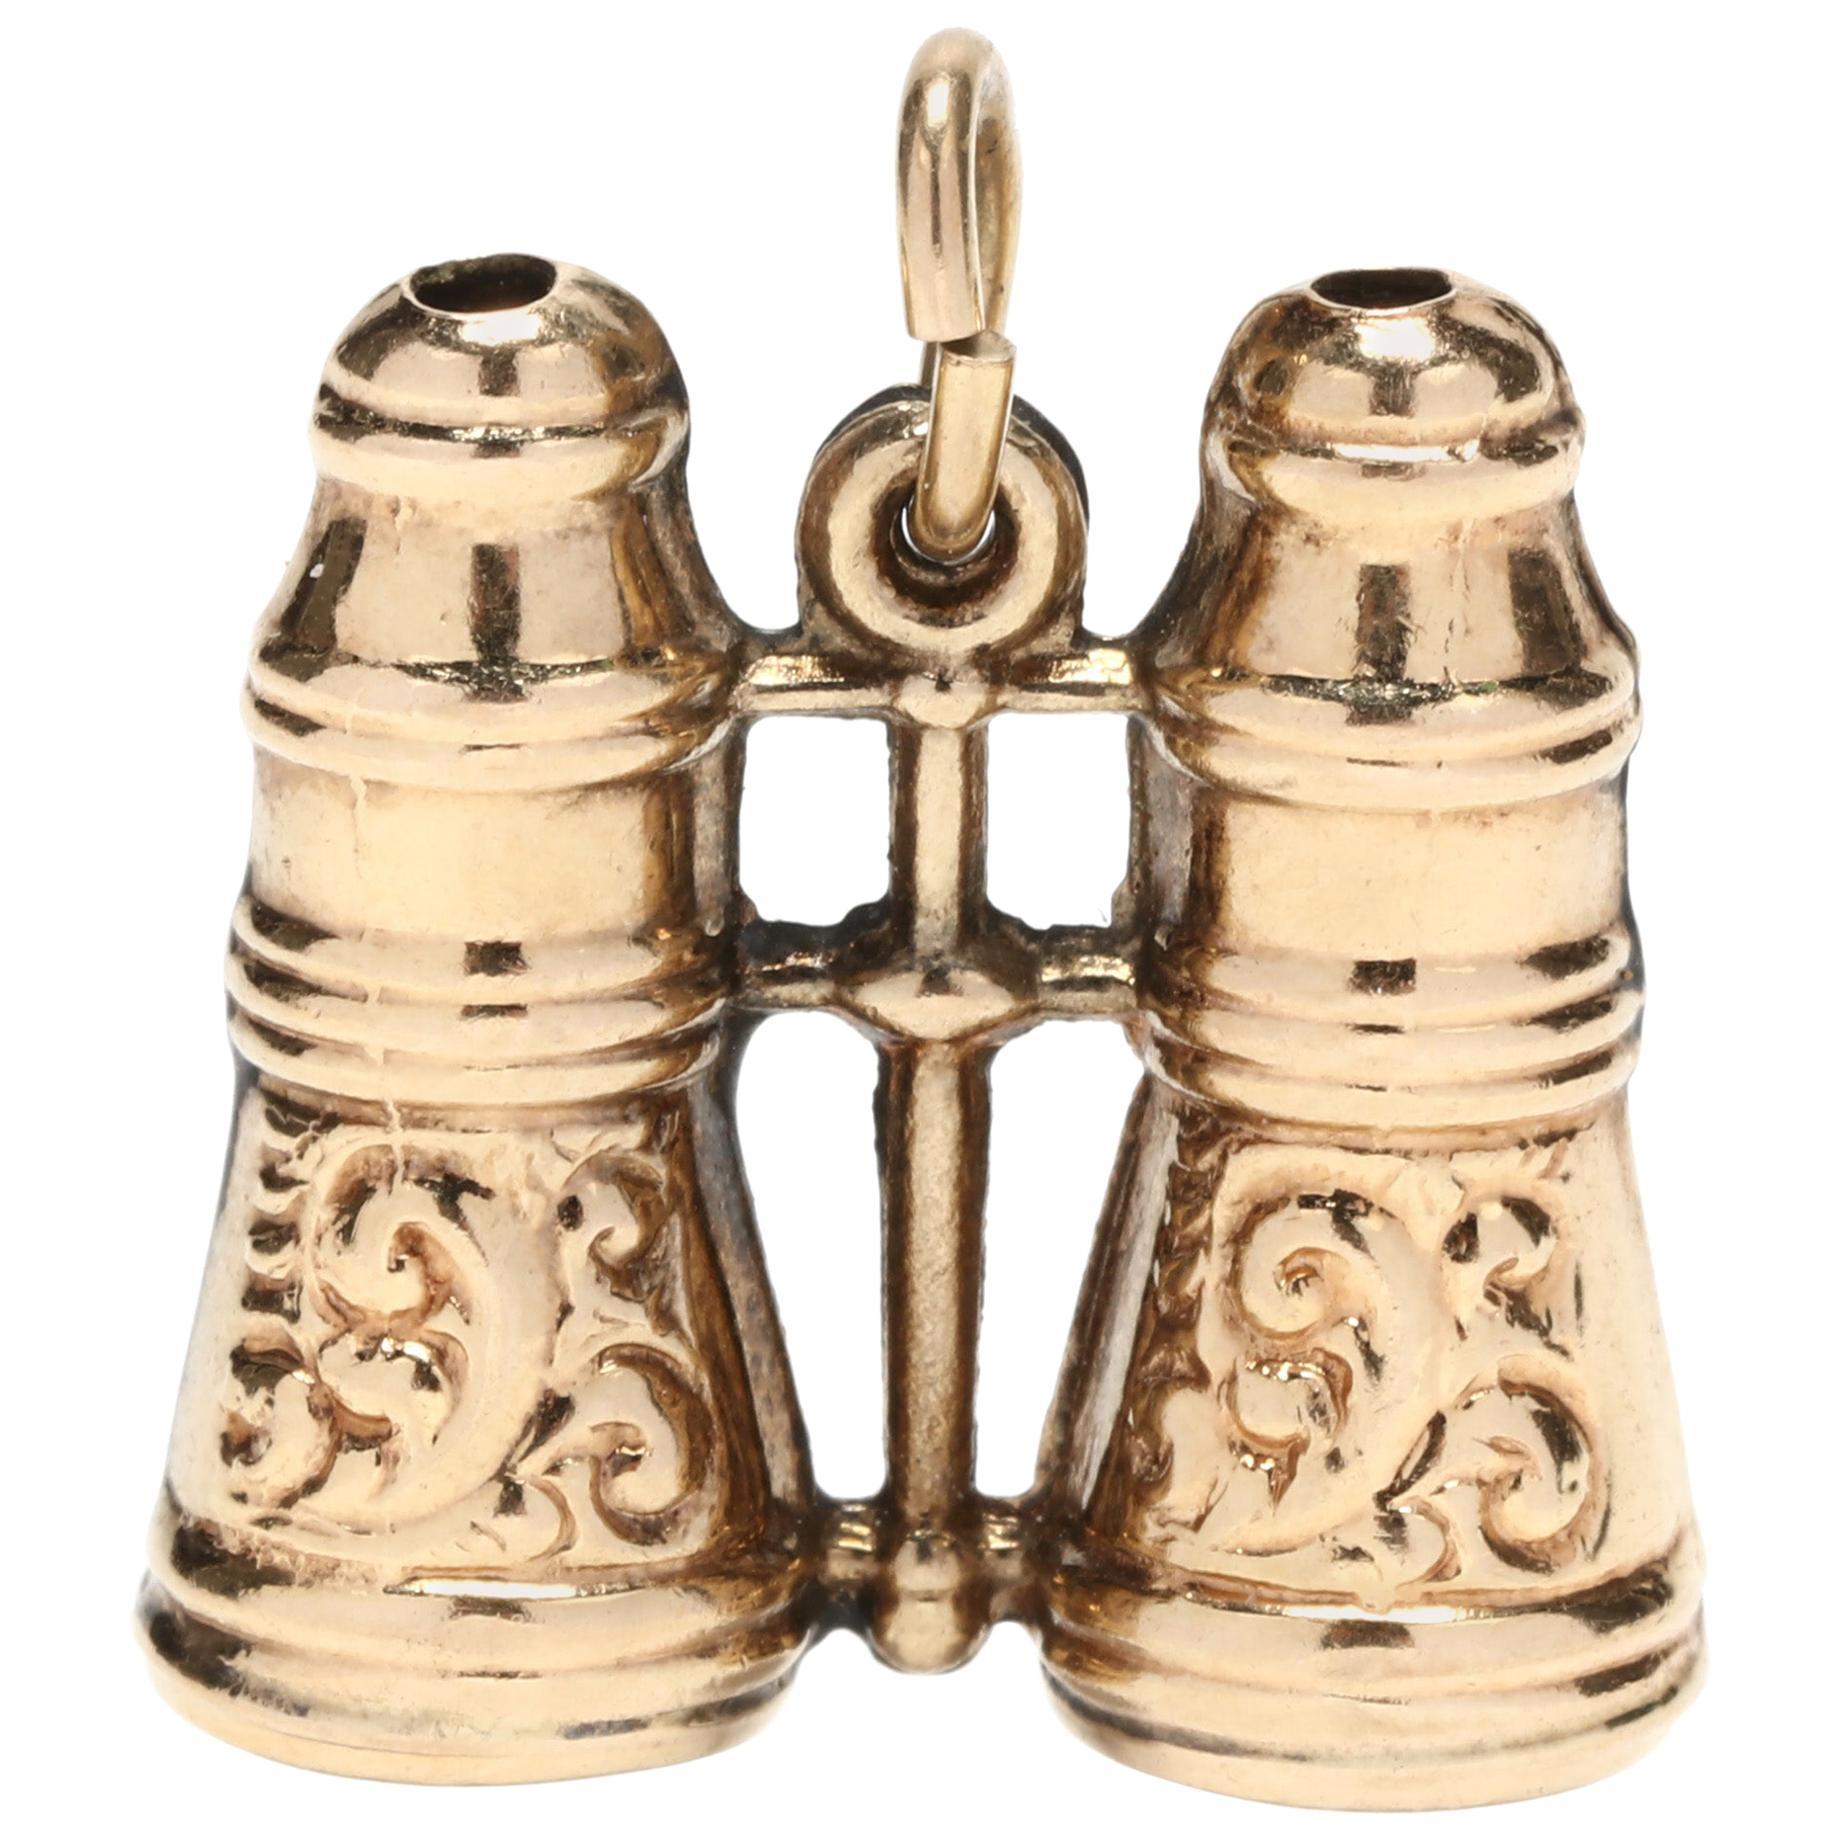 Antique 14 Karat Yellow Gold Engraved Binoculars Charm / Pendant